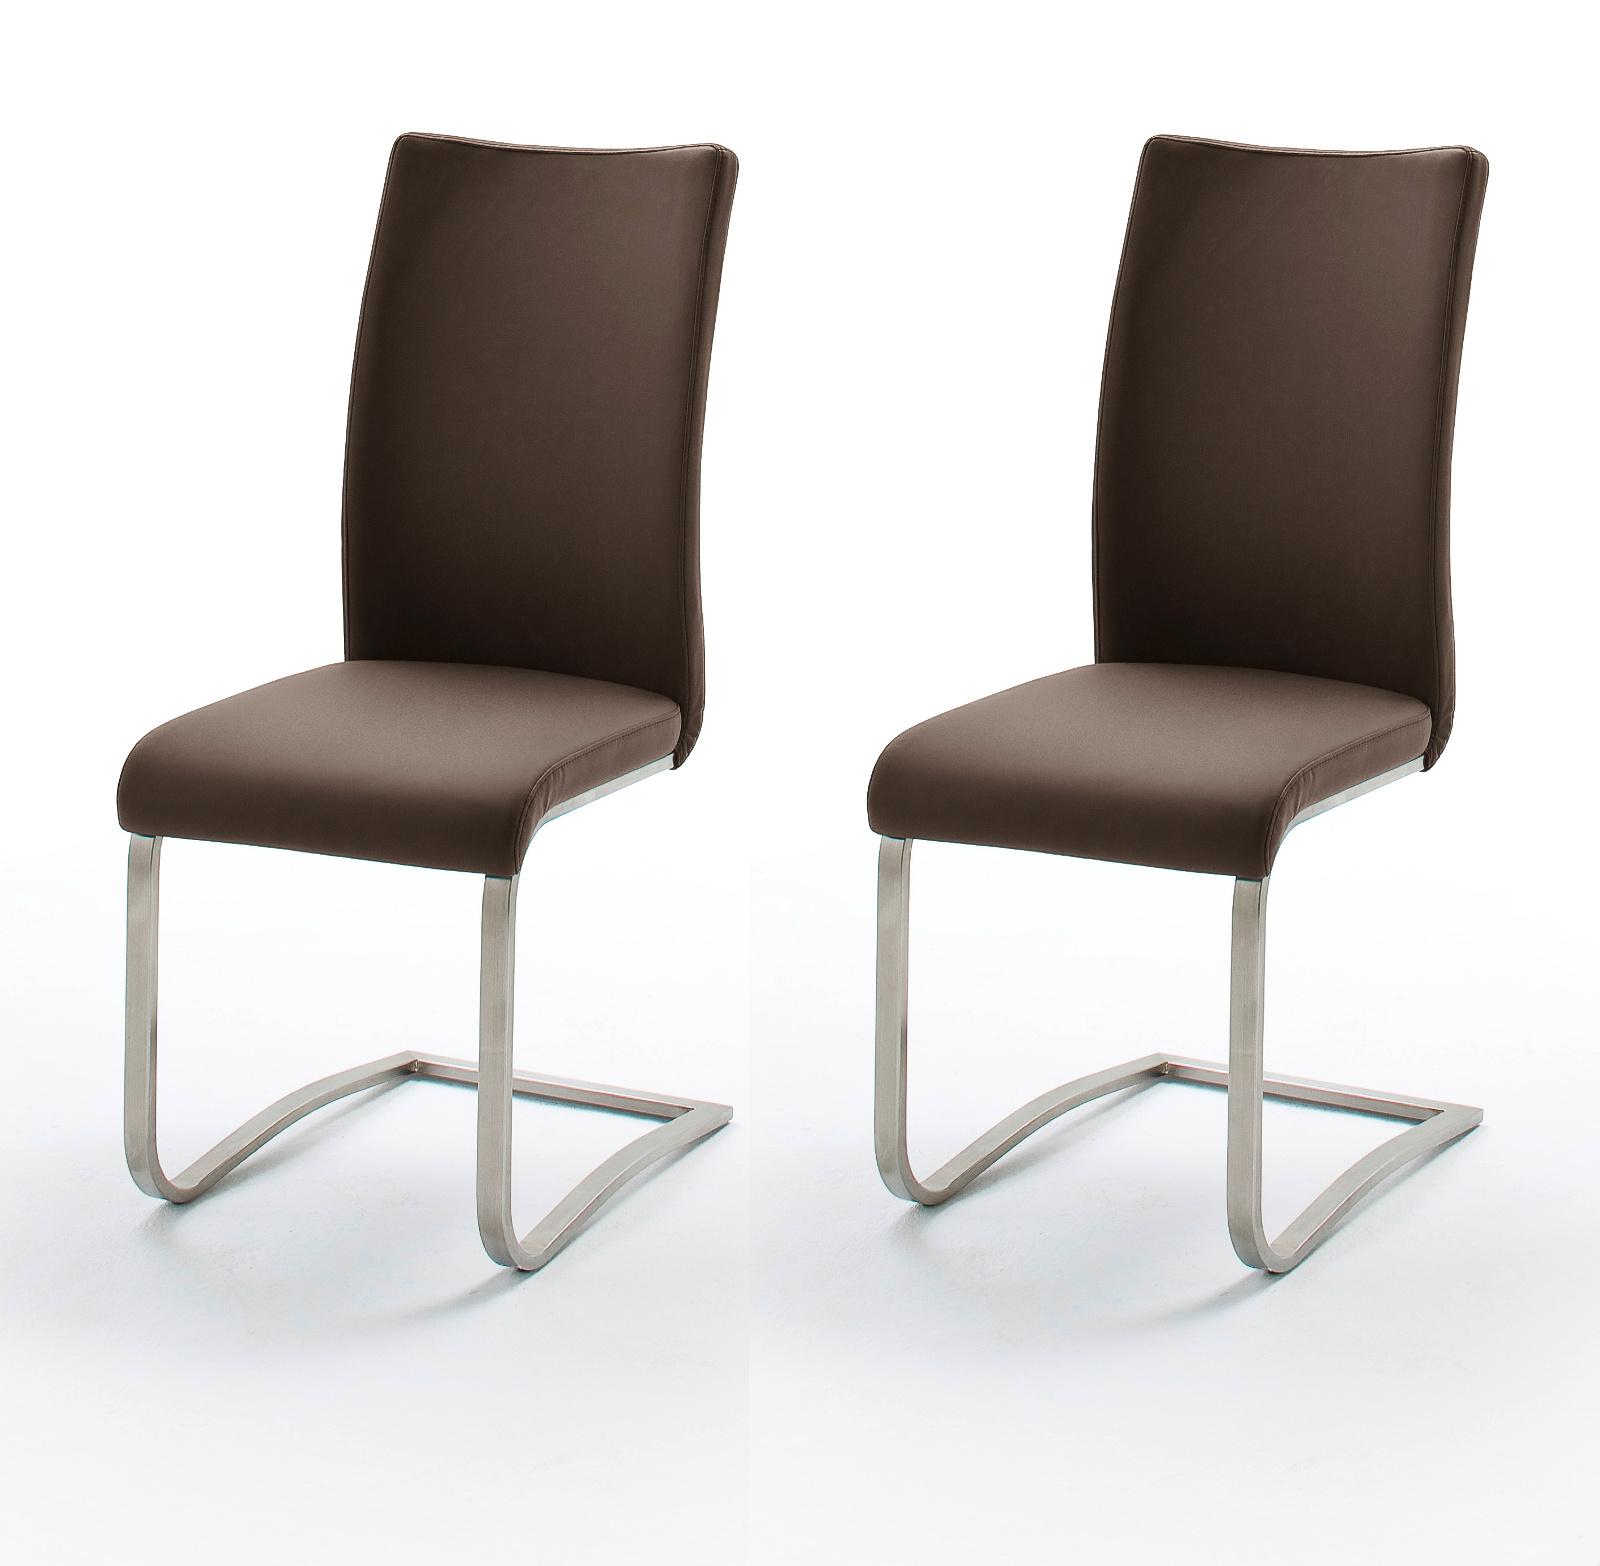 2 X Stuhl Arco In Braun Leder Und Edelstahl Freischwinger Flachrohr Esszimmerstuhl 2er Set